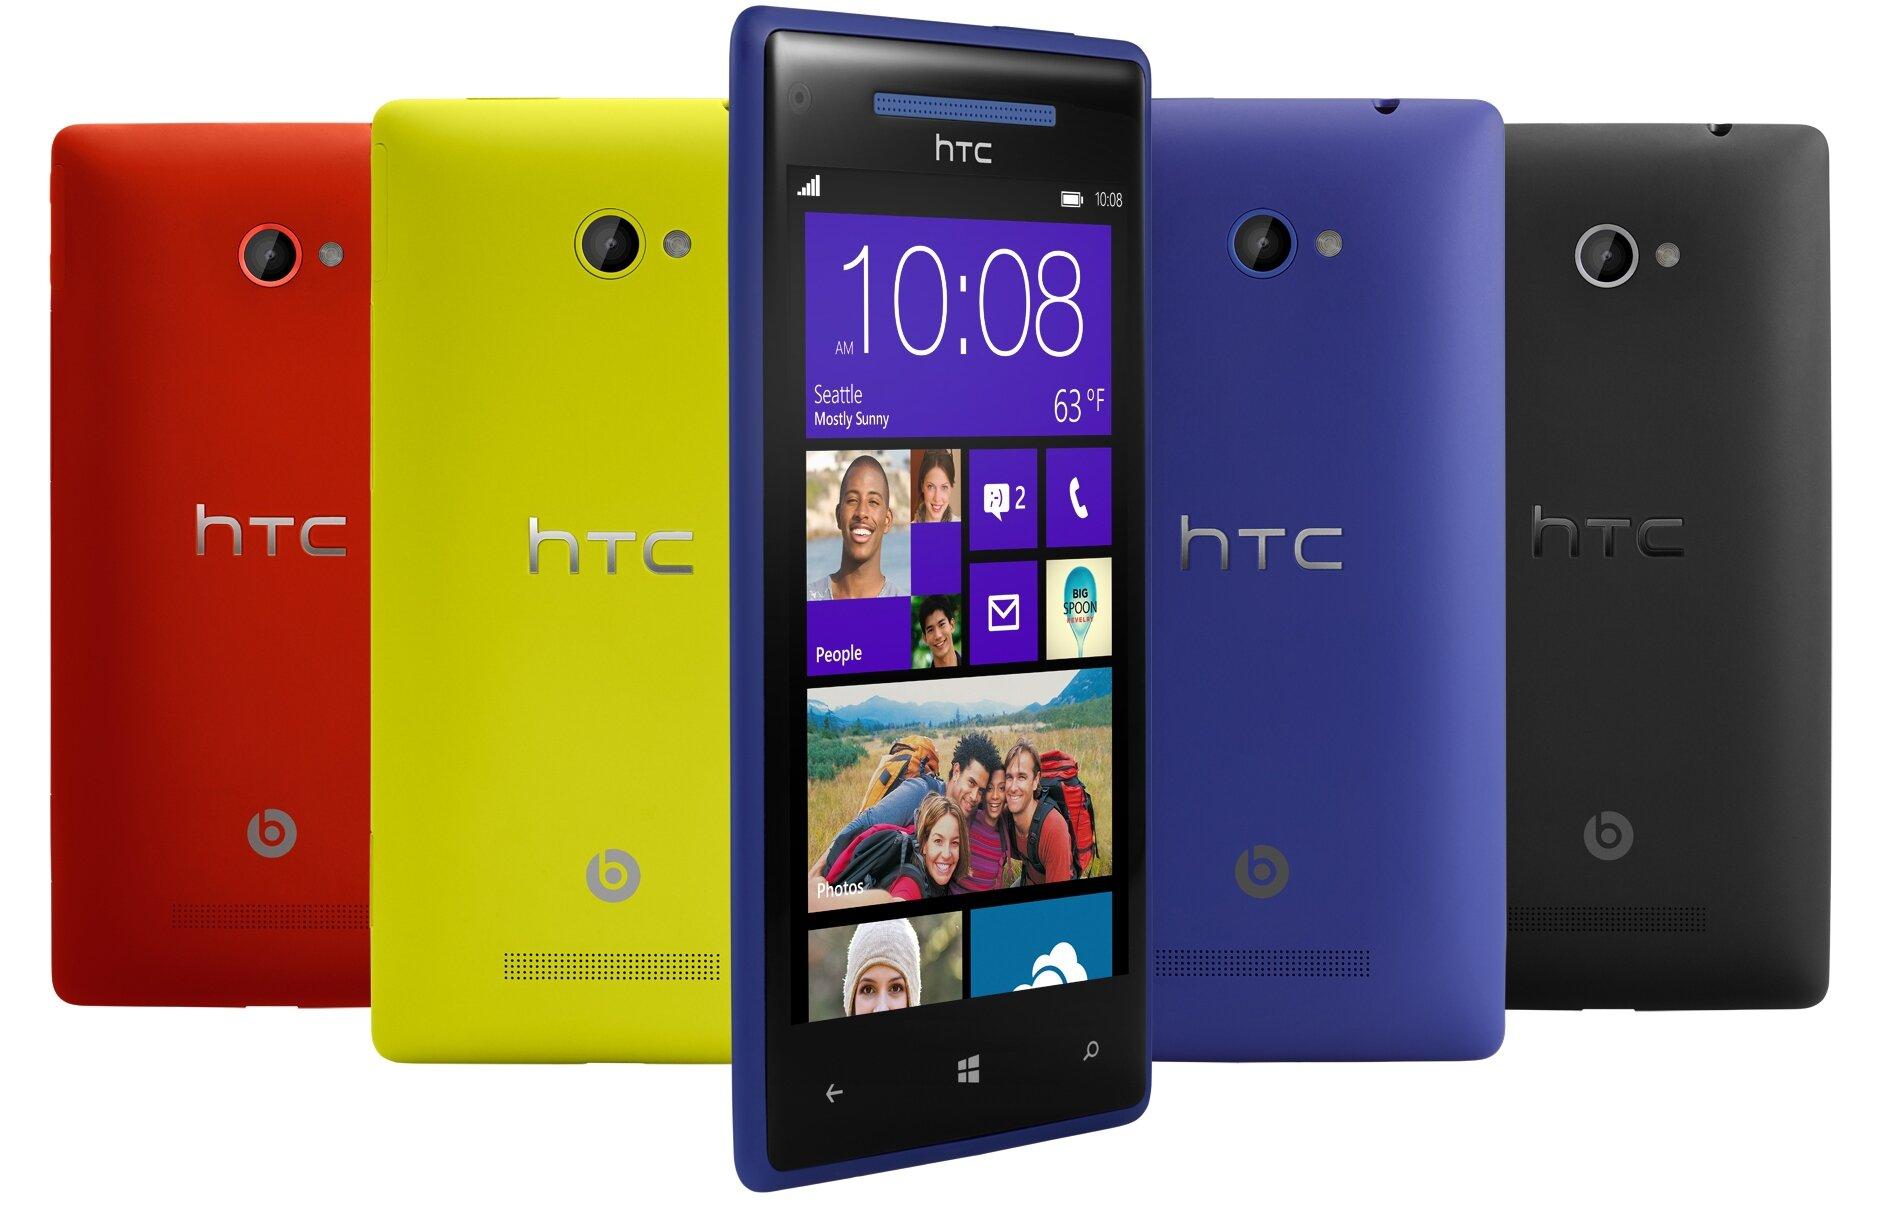 Htc windows phone 8x le est pictures - Htc Windows Phone 8s